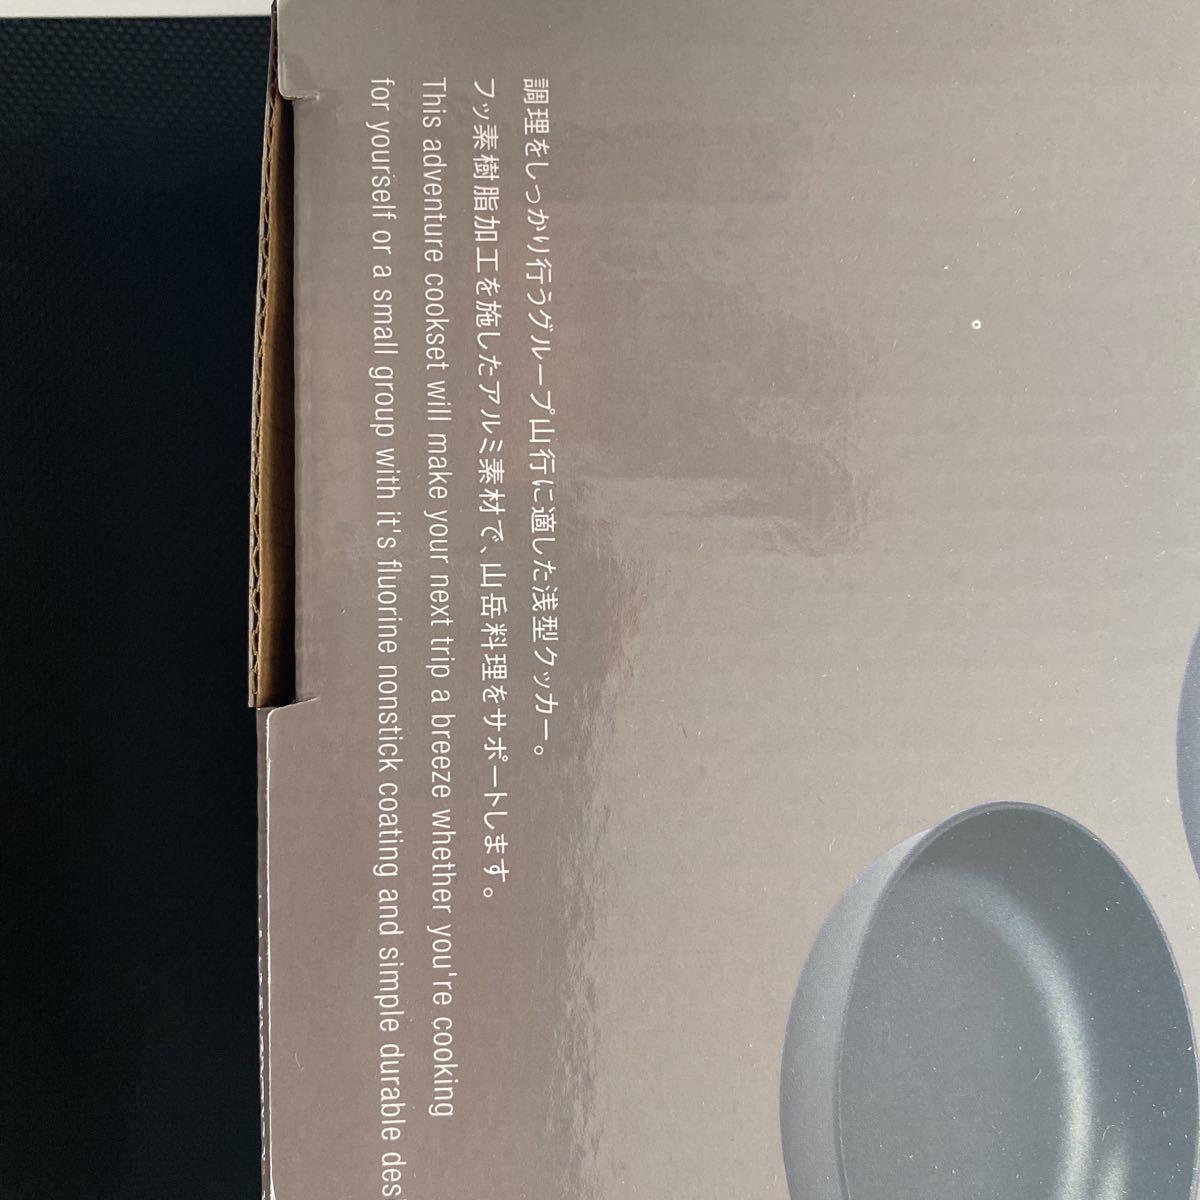 スノーピーク snowpeak ヤエンクッカー1500 SCS-201 ヤエンペタ CS-251 ヤエンツグCS-252 3点セット出品 新品未使用品 品薄 送料無料